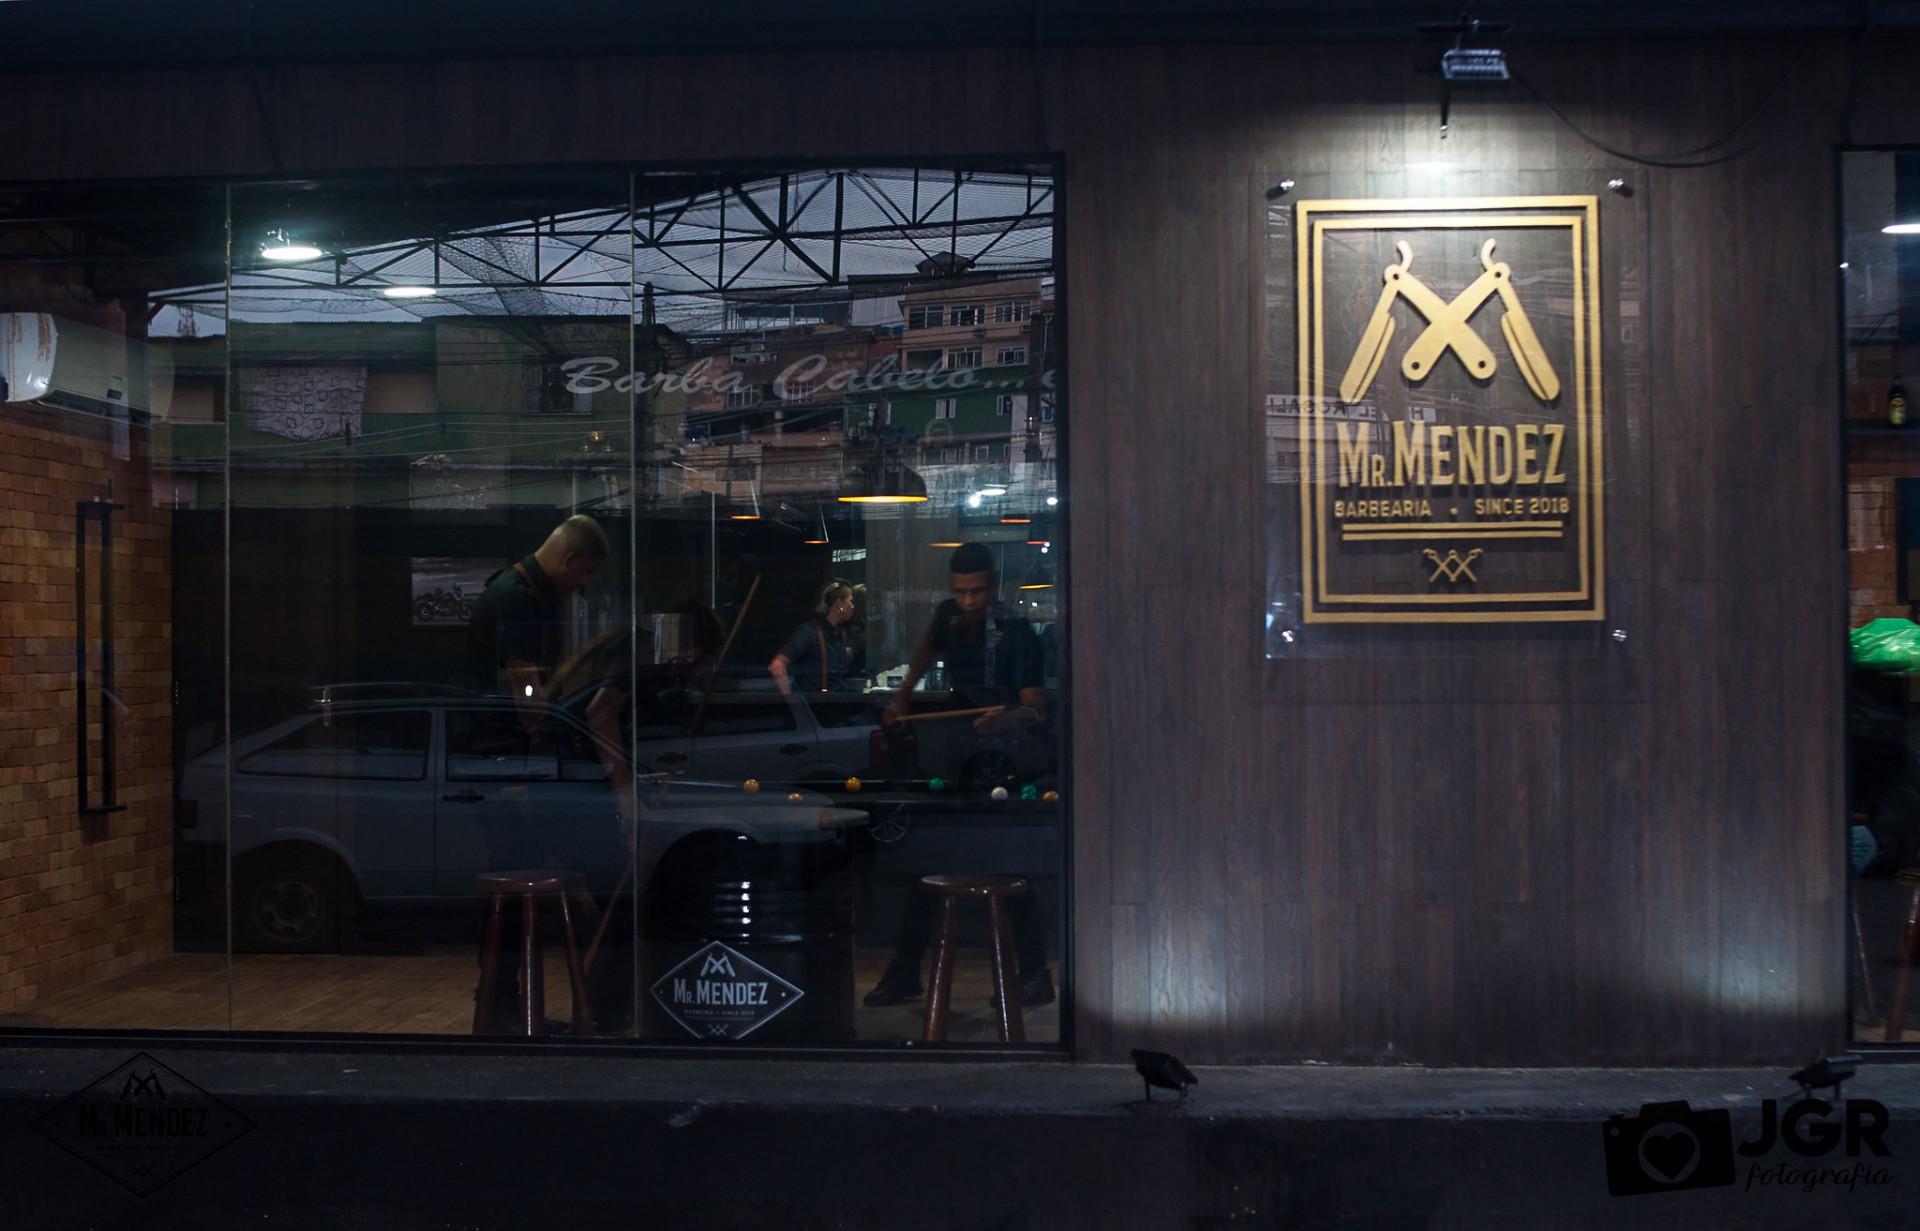 Barbearia Mr. Mendez